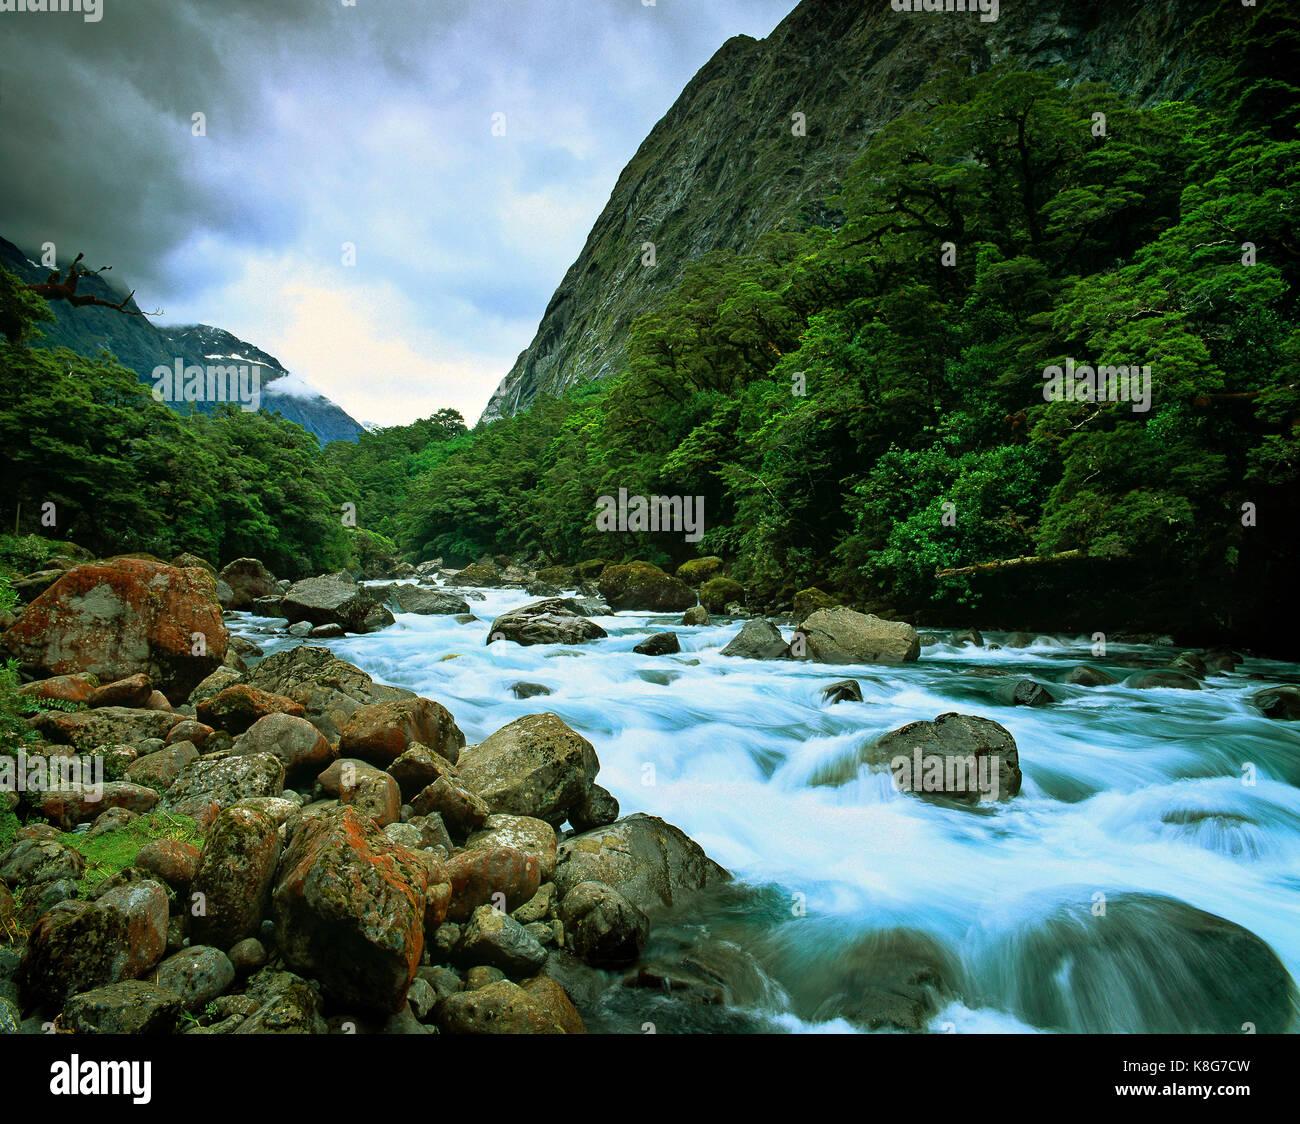 Nuova Zelanda. Milford Sound. veloce flusso di esecuzione. Immagini Stock